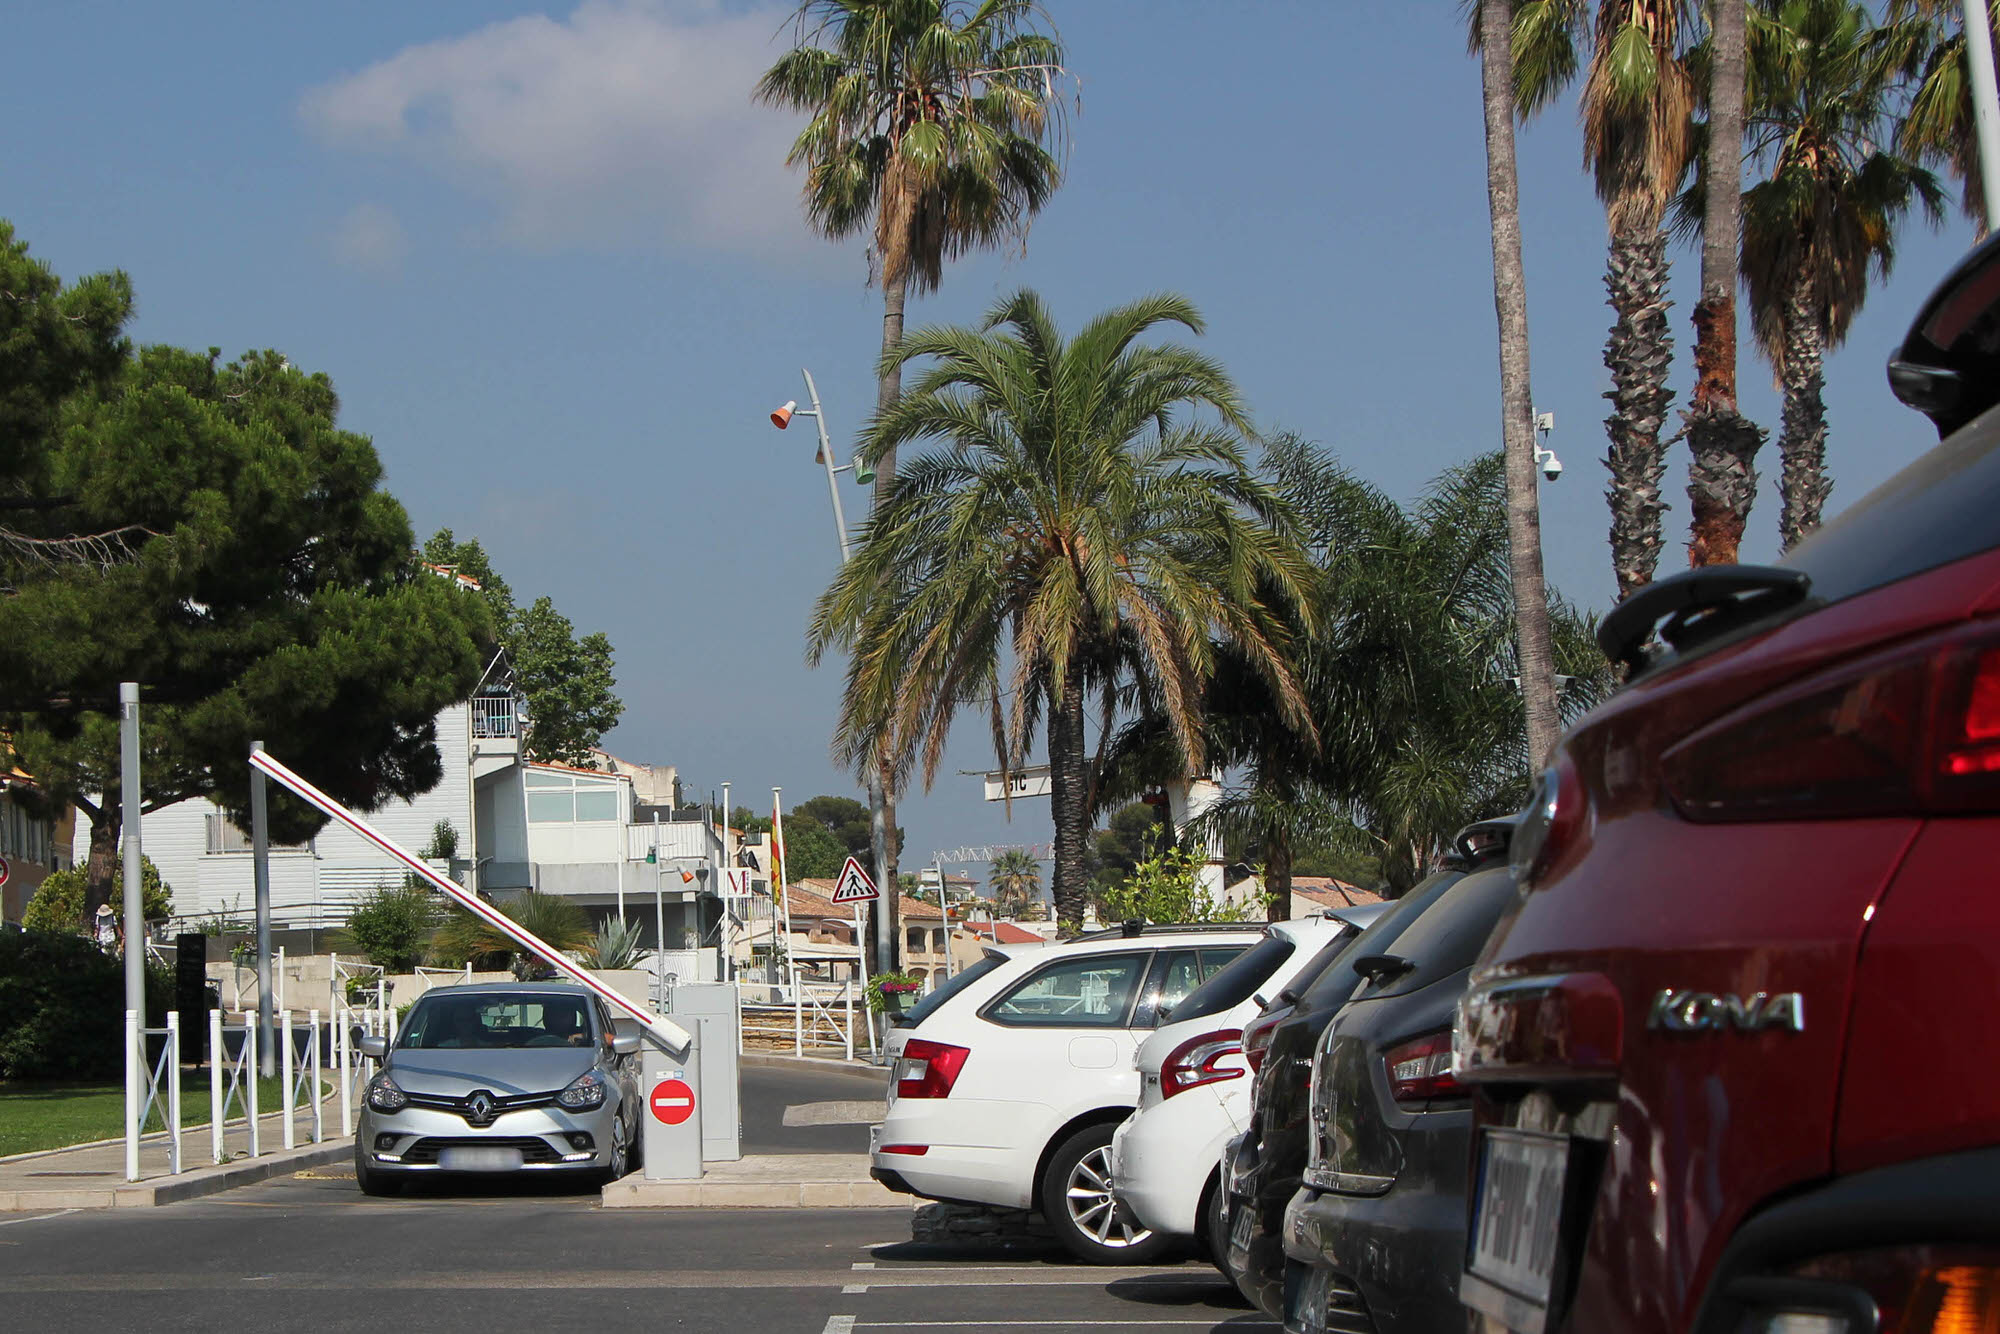 Les parkings de Saint-Cyr-sur-Mer